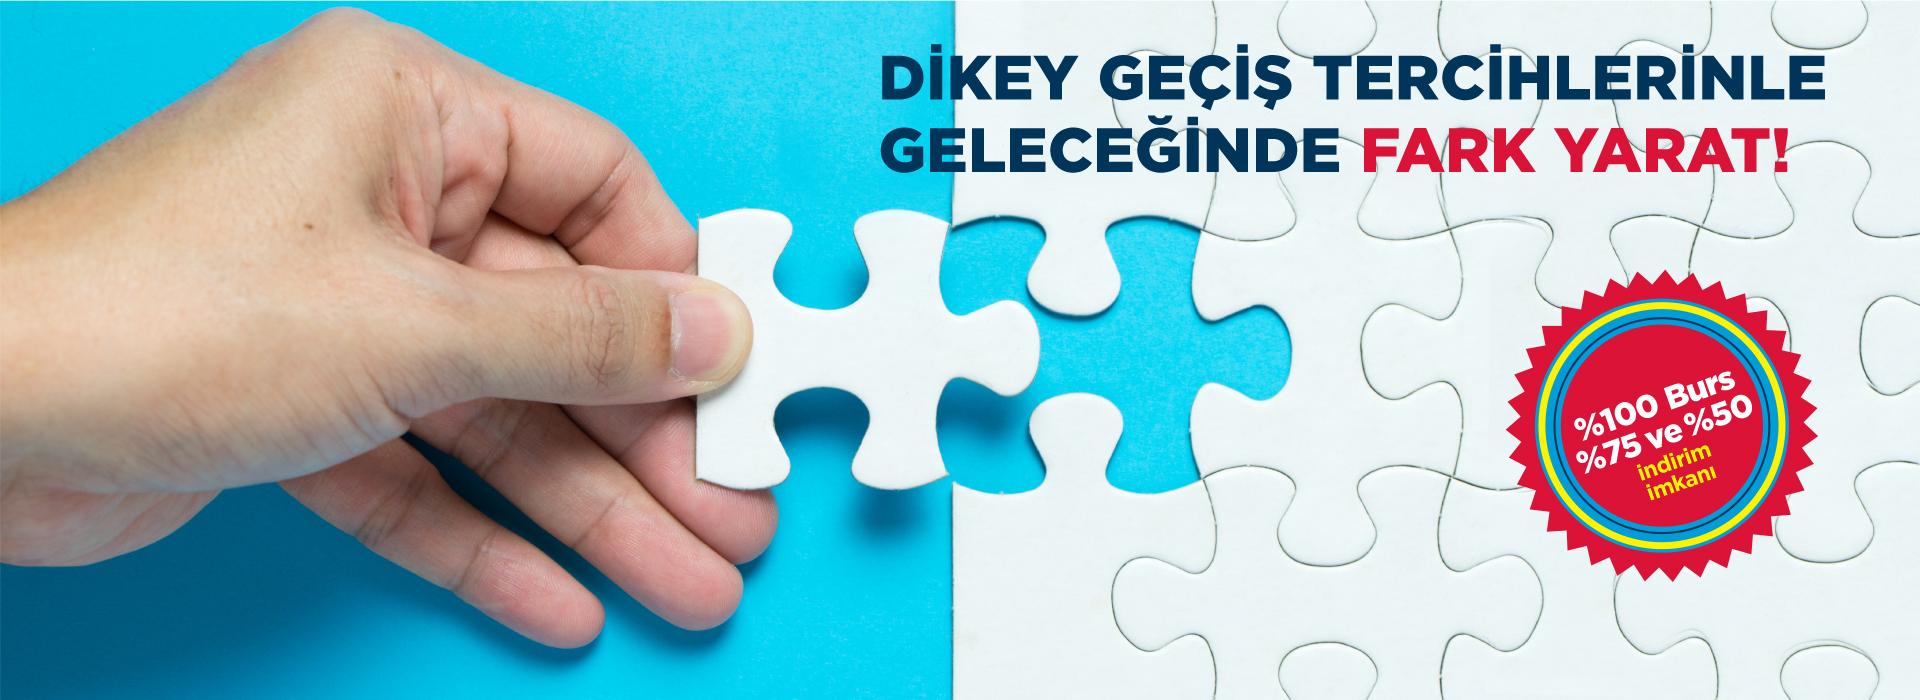 BeykentDikeyGecis2019-1920x700